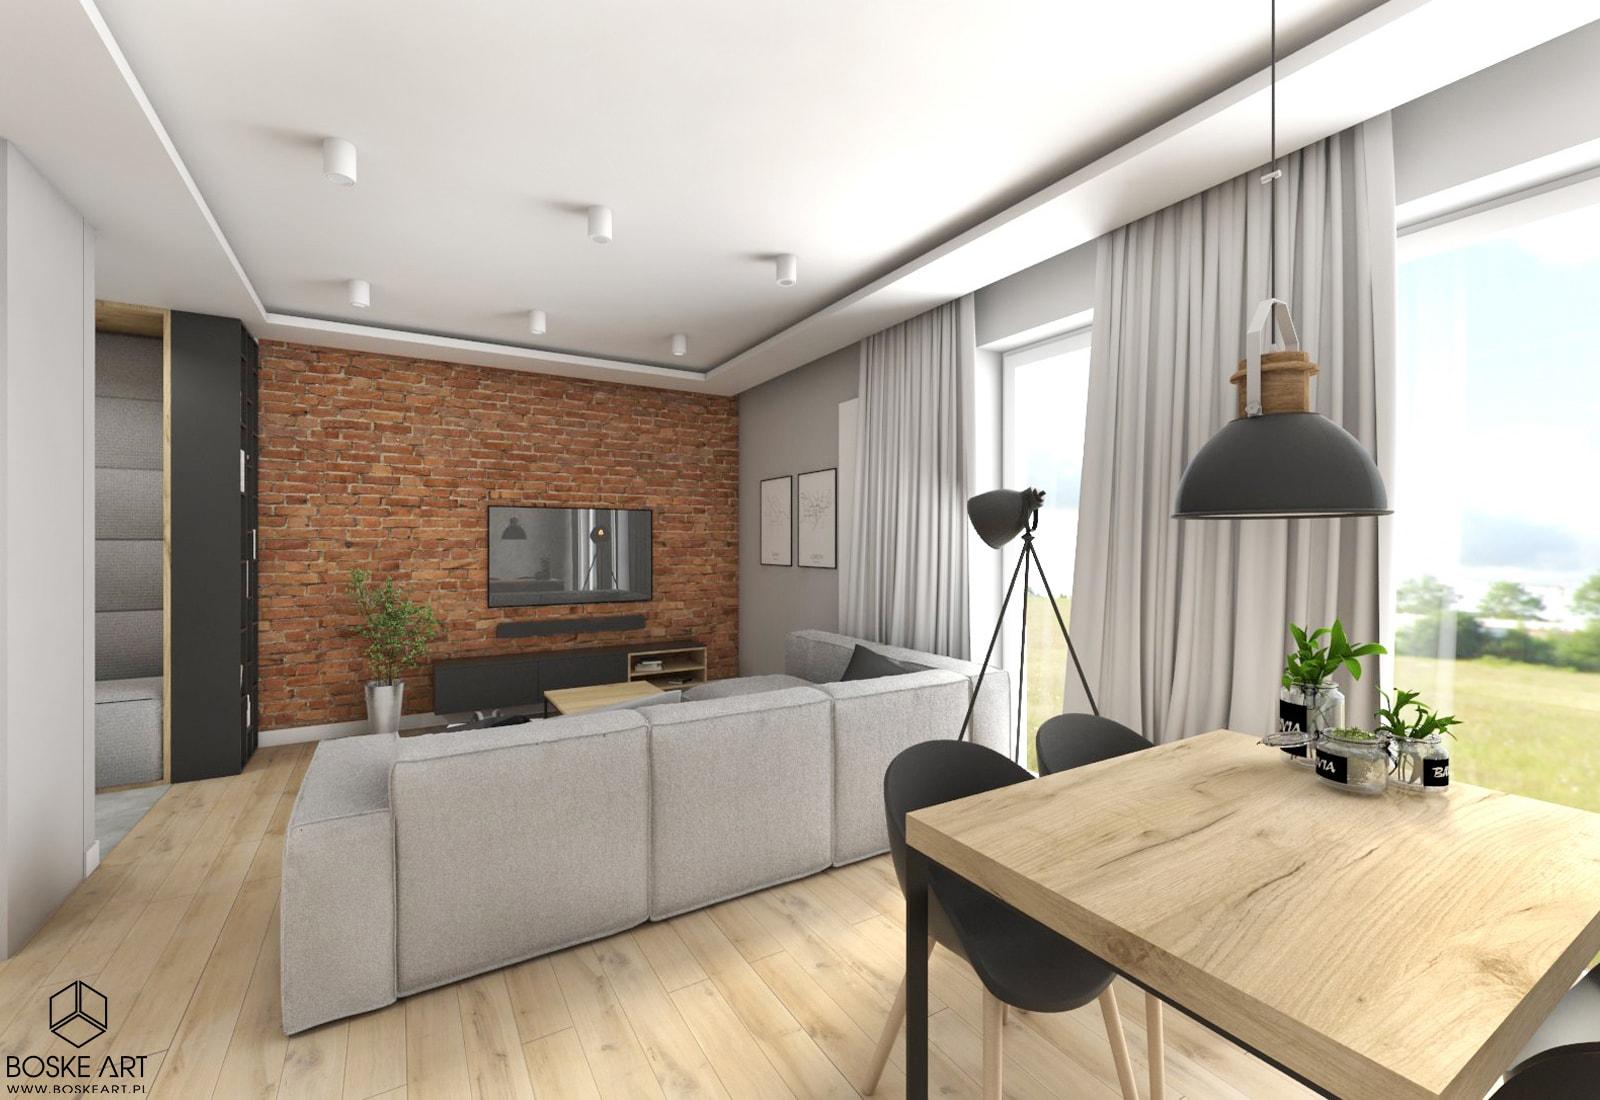 8_mieszkanie_poznan_boske_art_projektowanie_wnetrz_architektura_natalia_robaszkiewicz-min